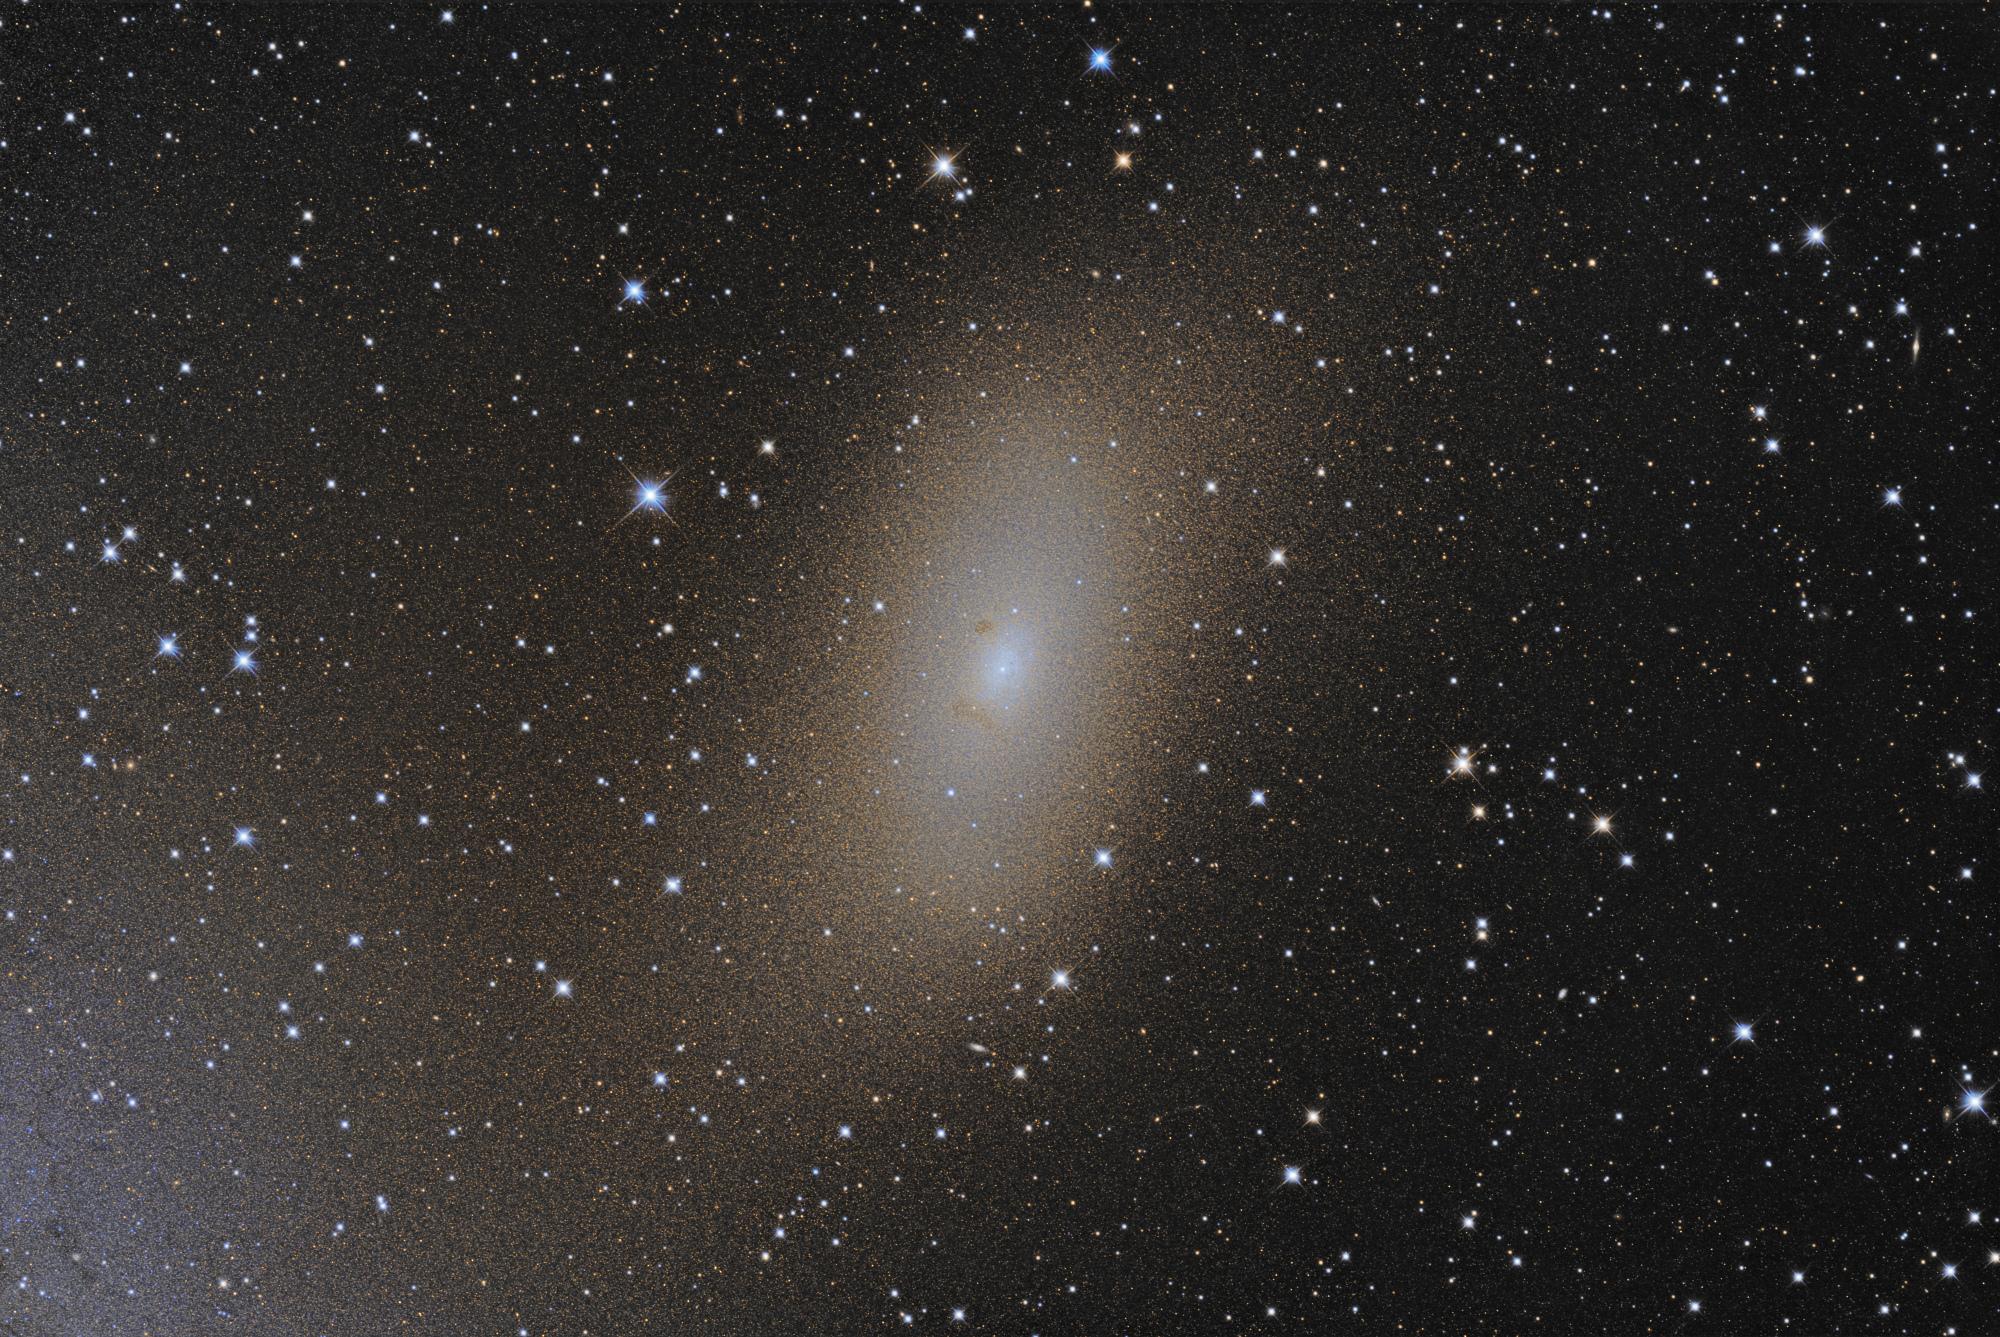 NGC_205_finale.thumb.jpg.84c9d15621b43ab250459ba2579904d3.jpg